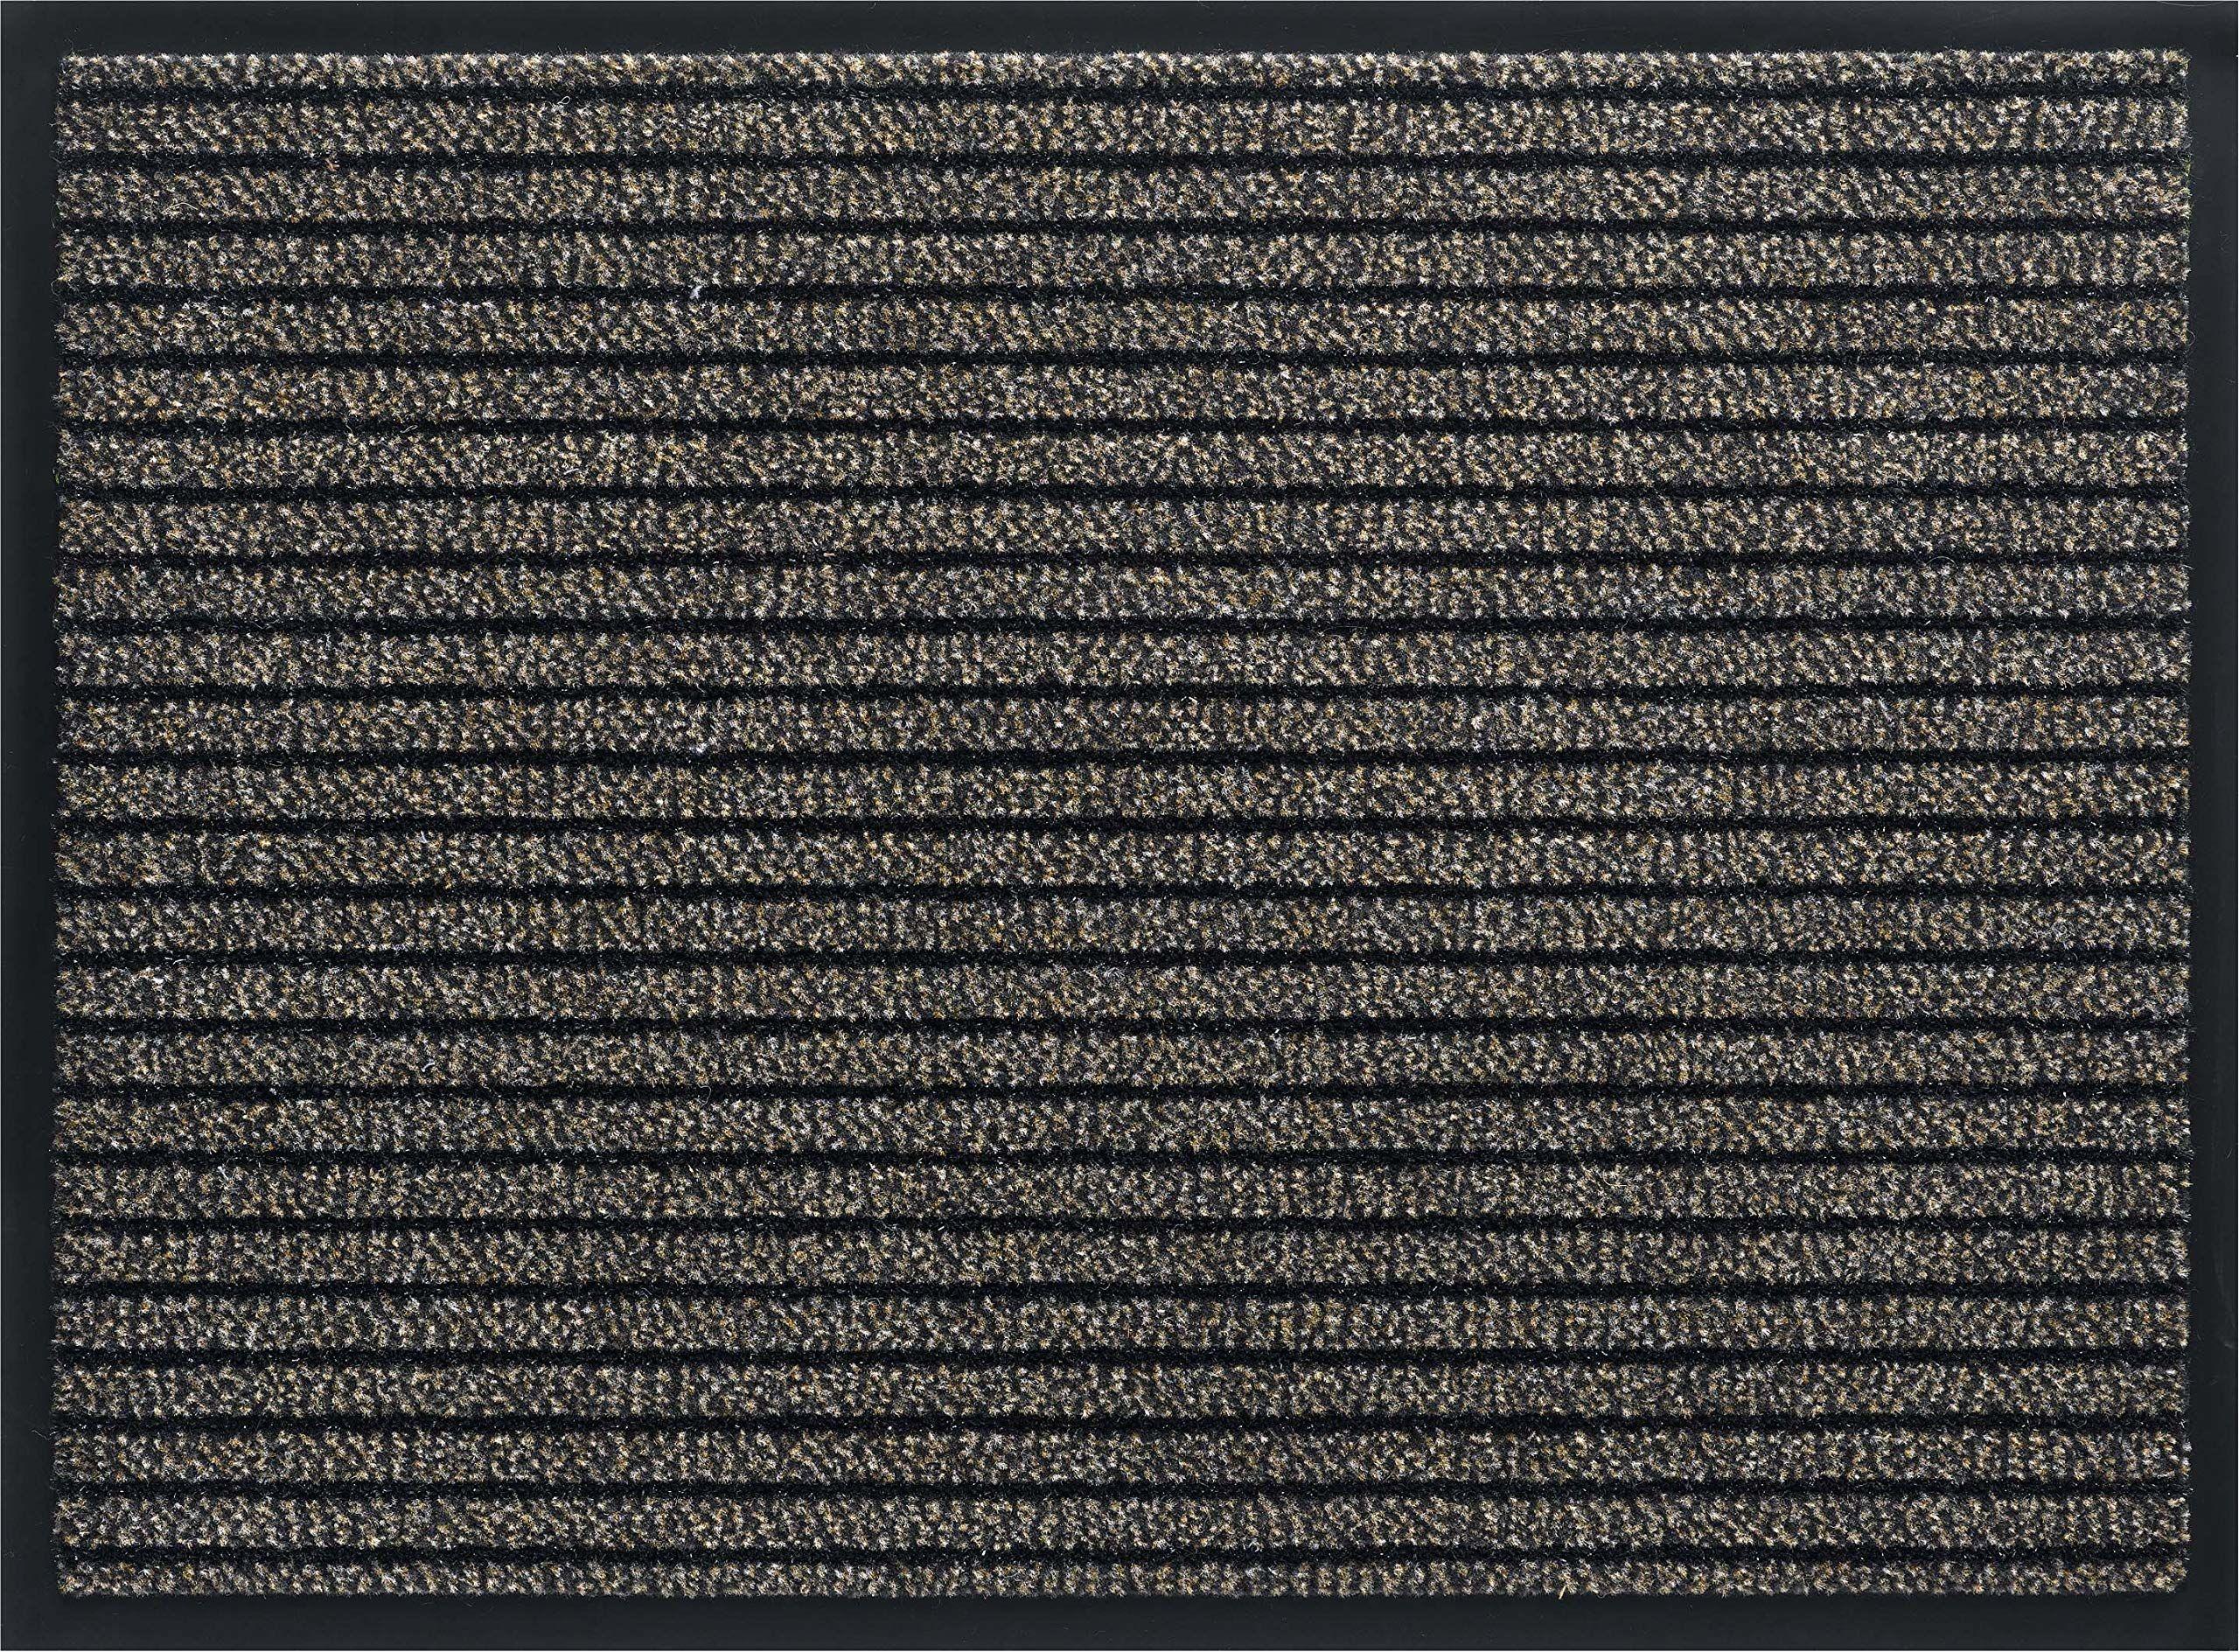 ID mat t 608010 gramat dywan wycieraczka włókno polipropylen/PVC brązowy 80 x 60 x 0,8 cm